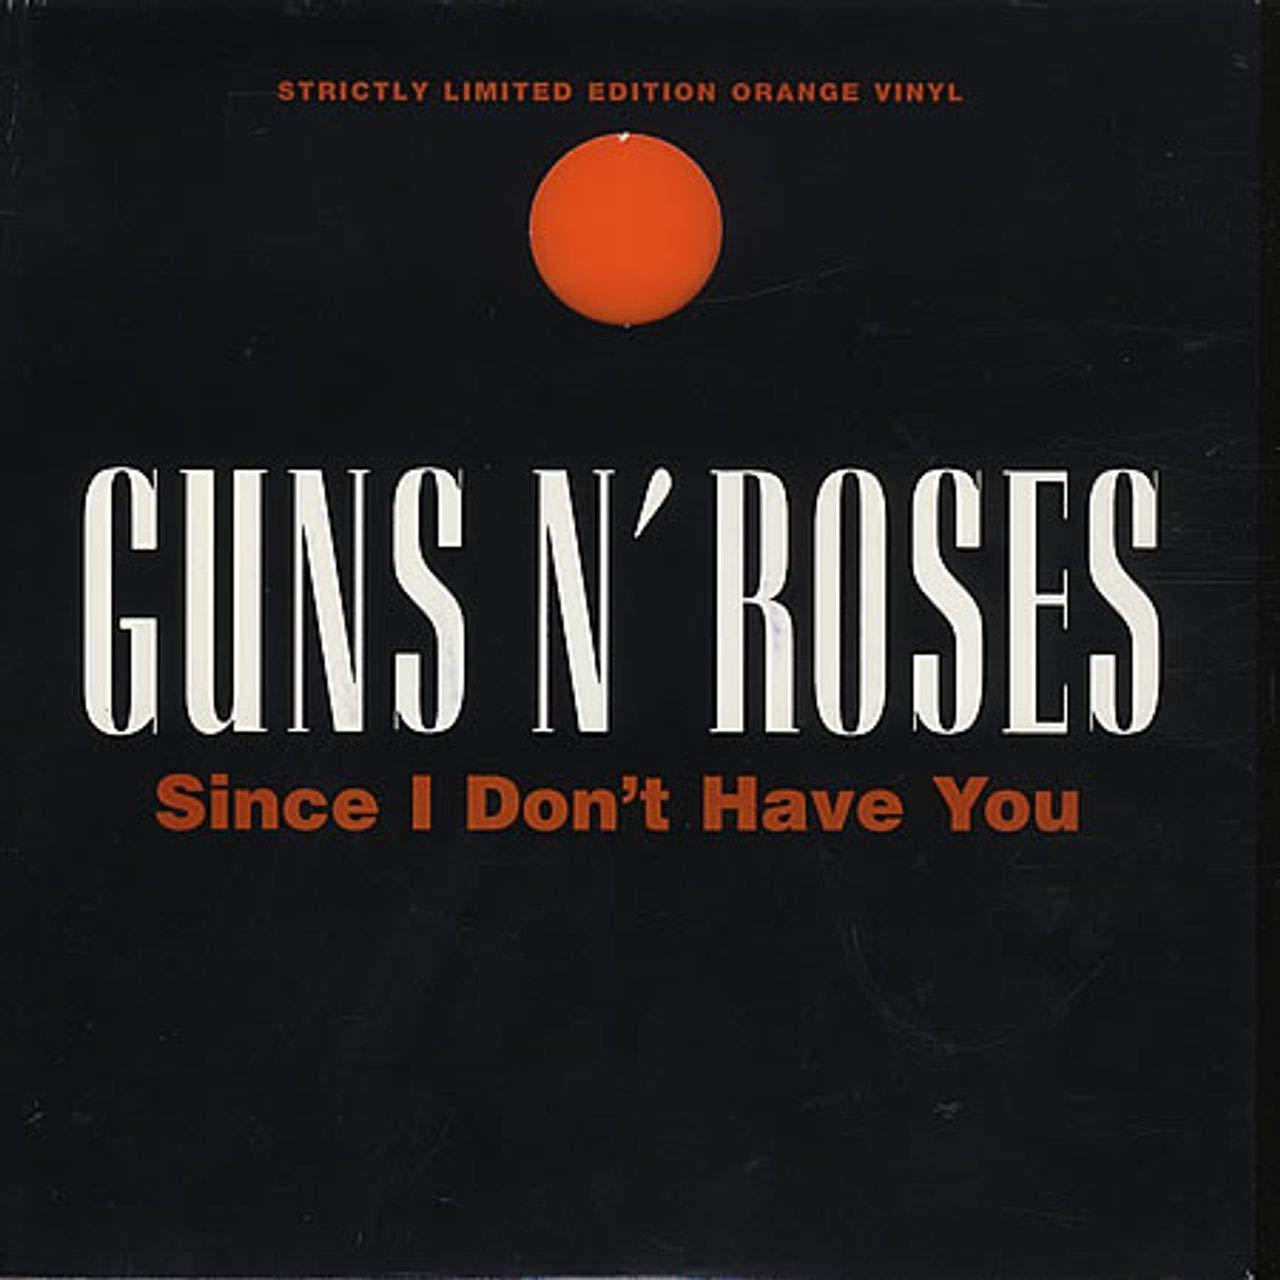 Since I Dont Have You - Orange Vinyl